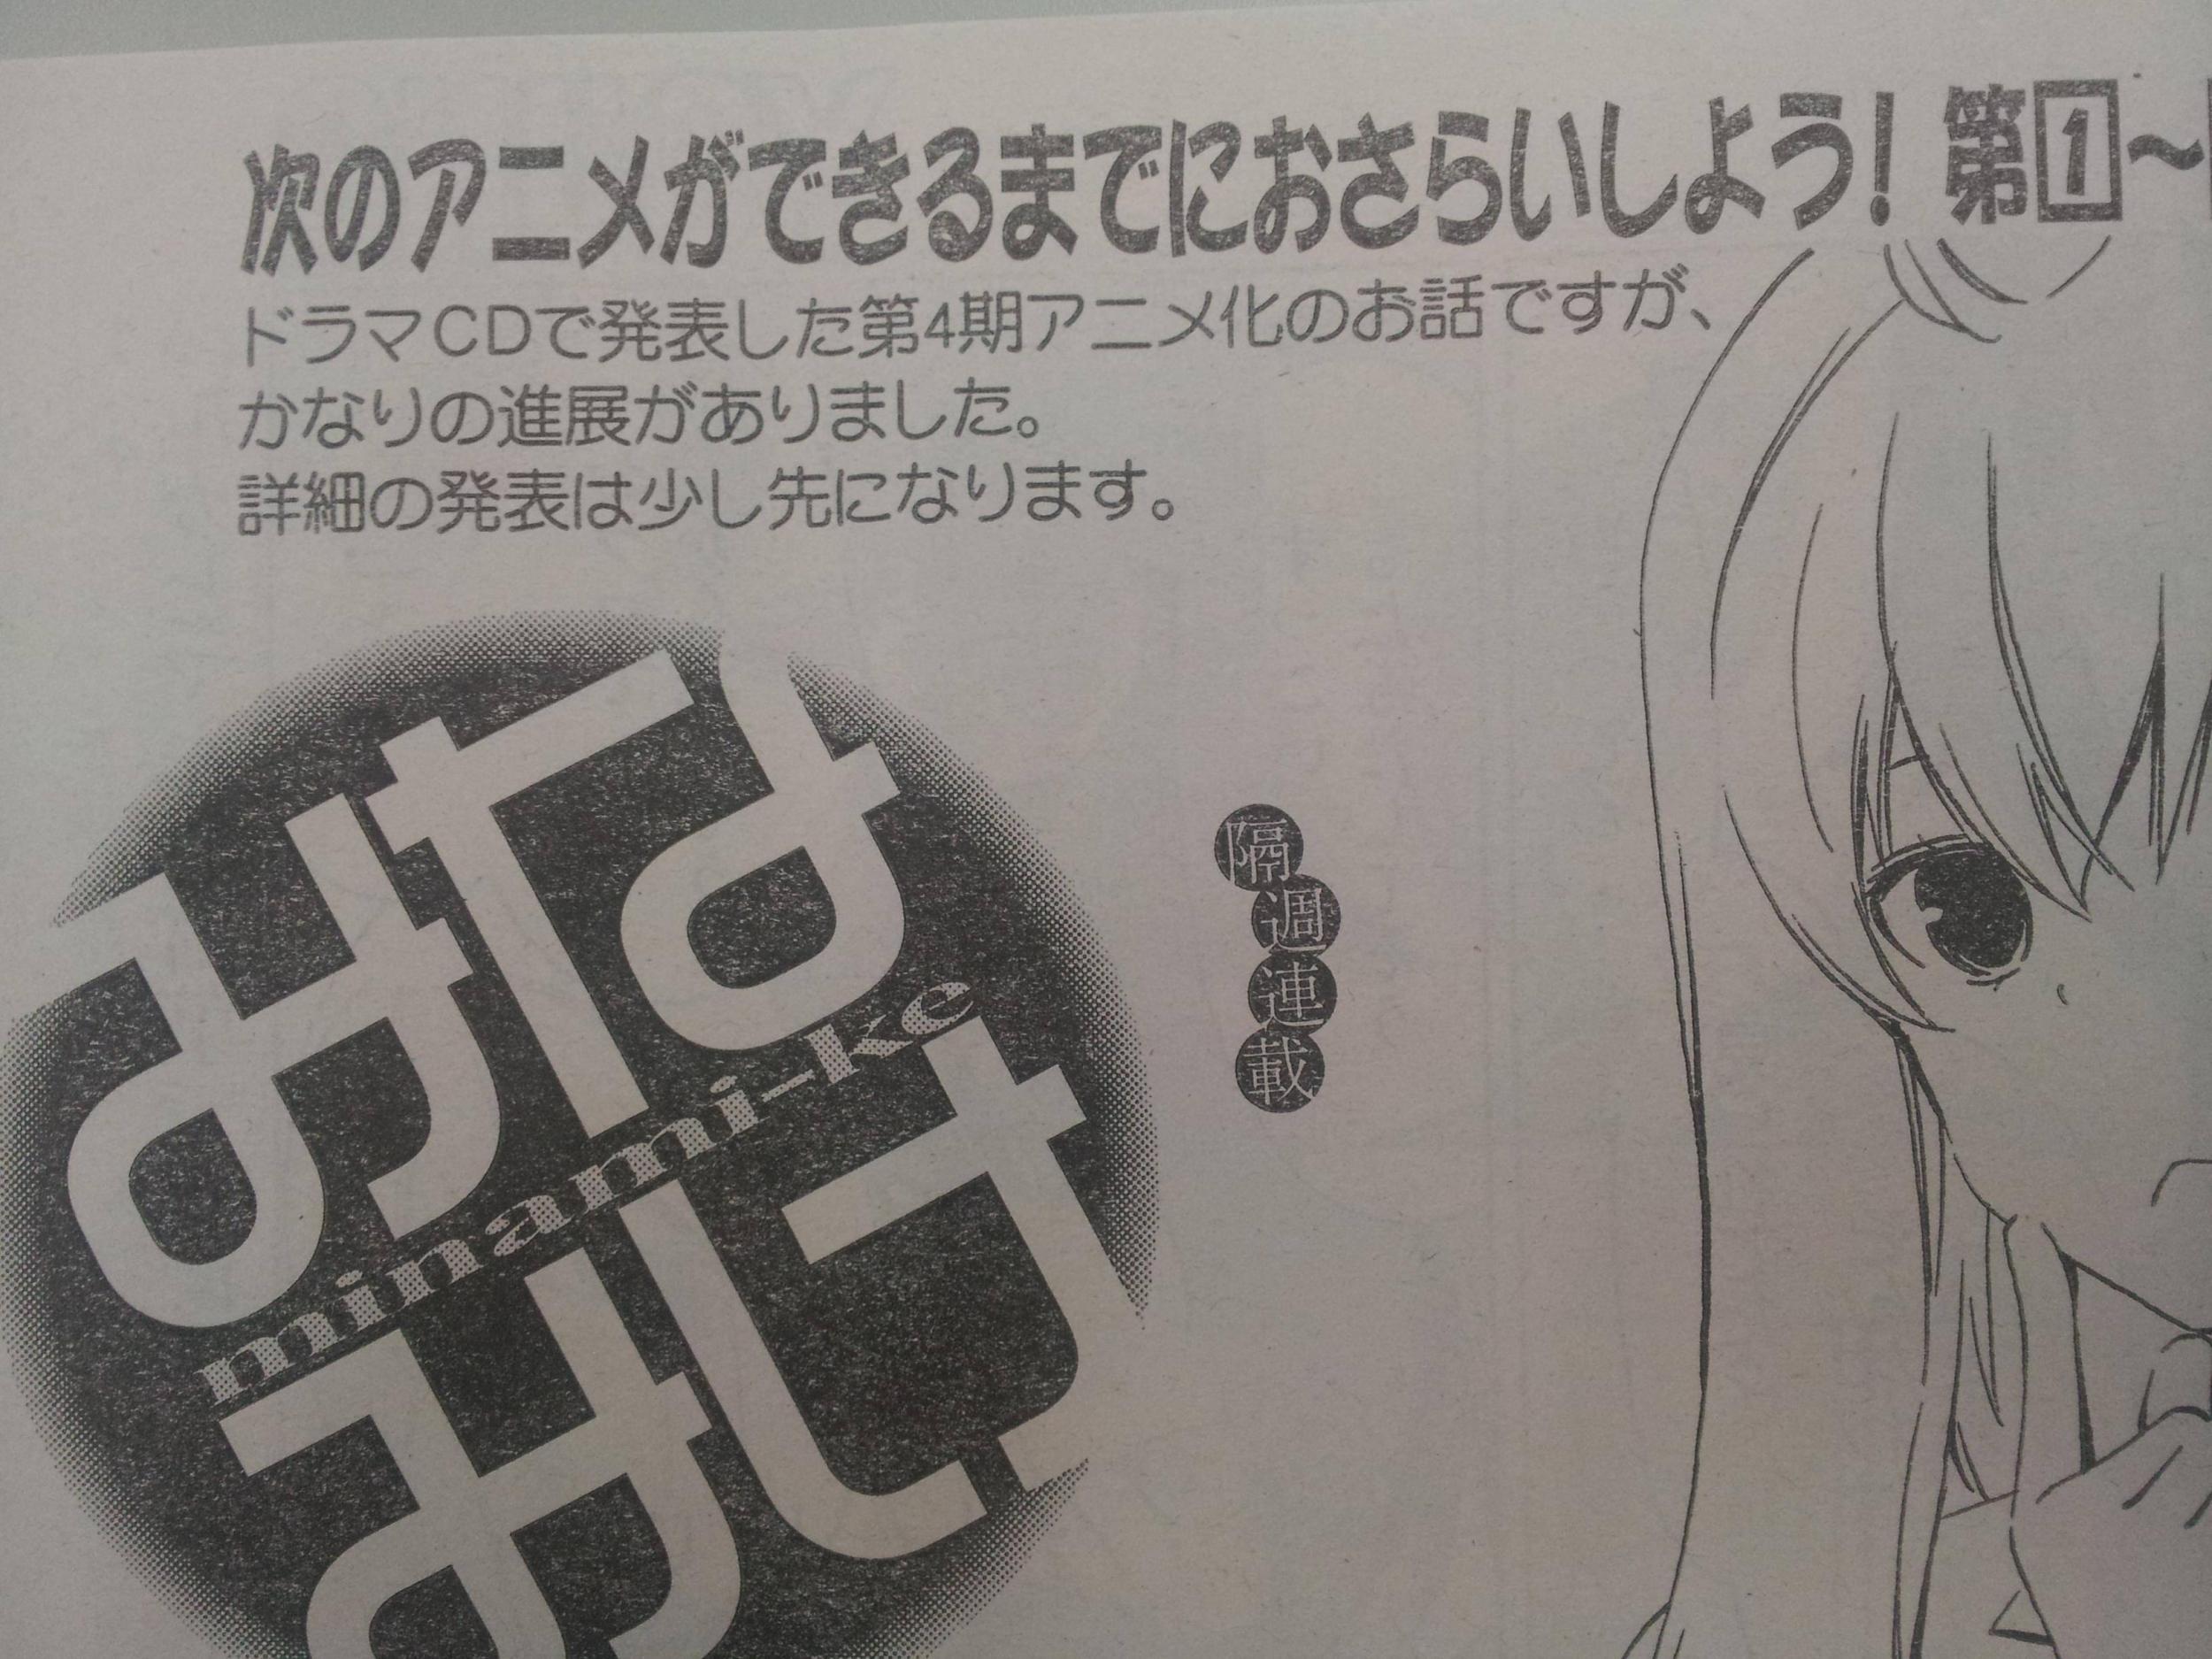 みなみけ4期アニメ